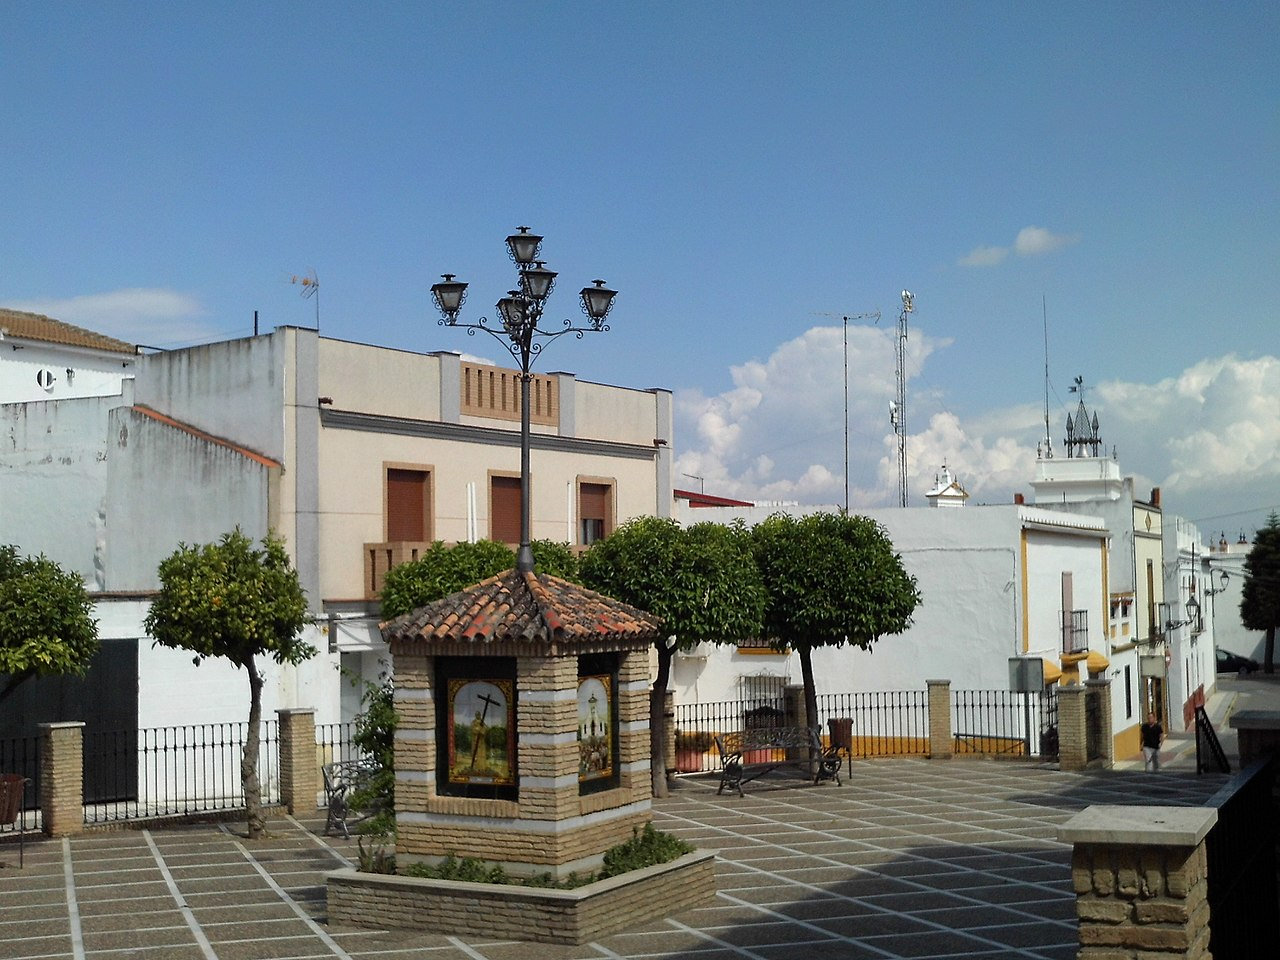 Plaza De La Concordia file:plaza de la concordia (almensilla) - wikimedia commons